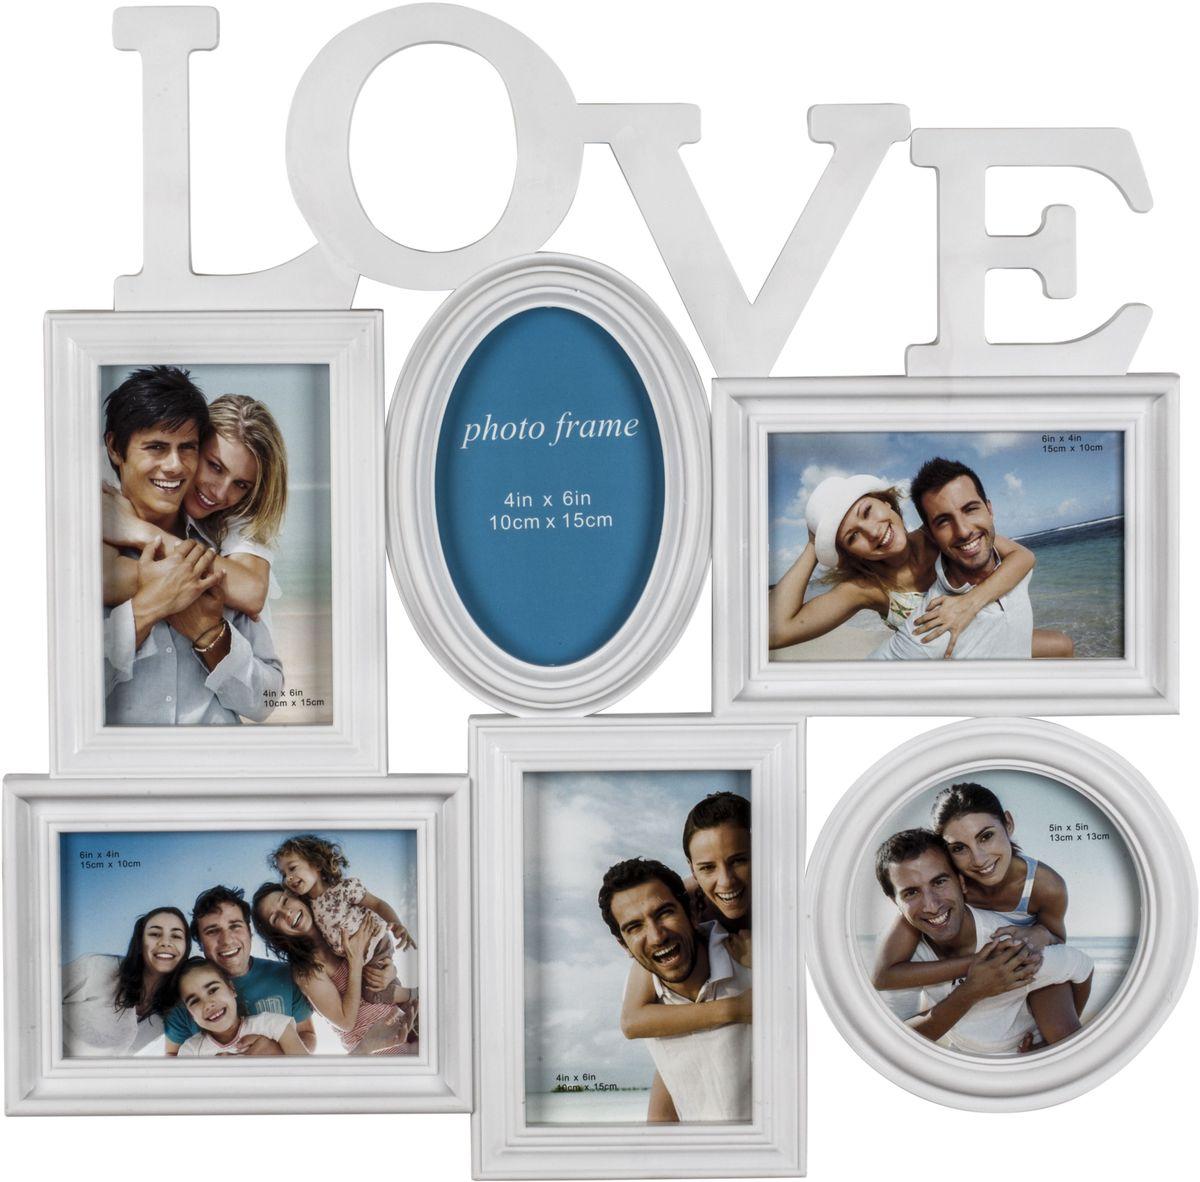 Фоторамка Platinum Love, цвет: белый, на 6 фотоБрелок для ключейФоторамка Platinum Love - прекрасный способ красиво оформить ваши фотографии. Фоторамка выполнена из пластика и защищена стеклом. Фоторамка-коллаж представляет собой шесть фоторамок для фото разного размера оригинально соединенных между собой. Такая фоторамка поможет сохранить в памяти самые яркие моменты вашей жизни, а стильный дизайн сделает ее прекрасным дополнением интерьера комнаты.Фоторамка подходит для 5 фото 10 х 15 см и 1 фото 13 х 13 см.Общий размер фоторамки: 46 х 47 см.